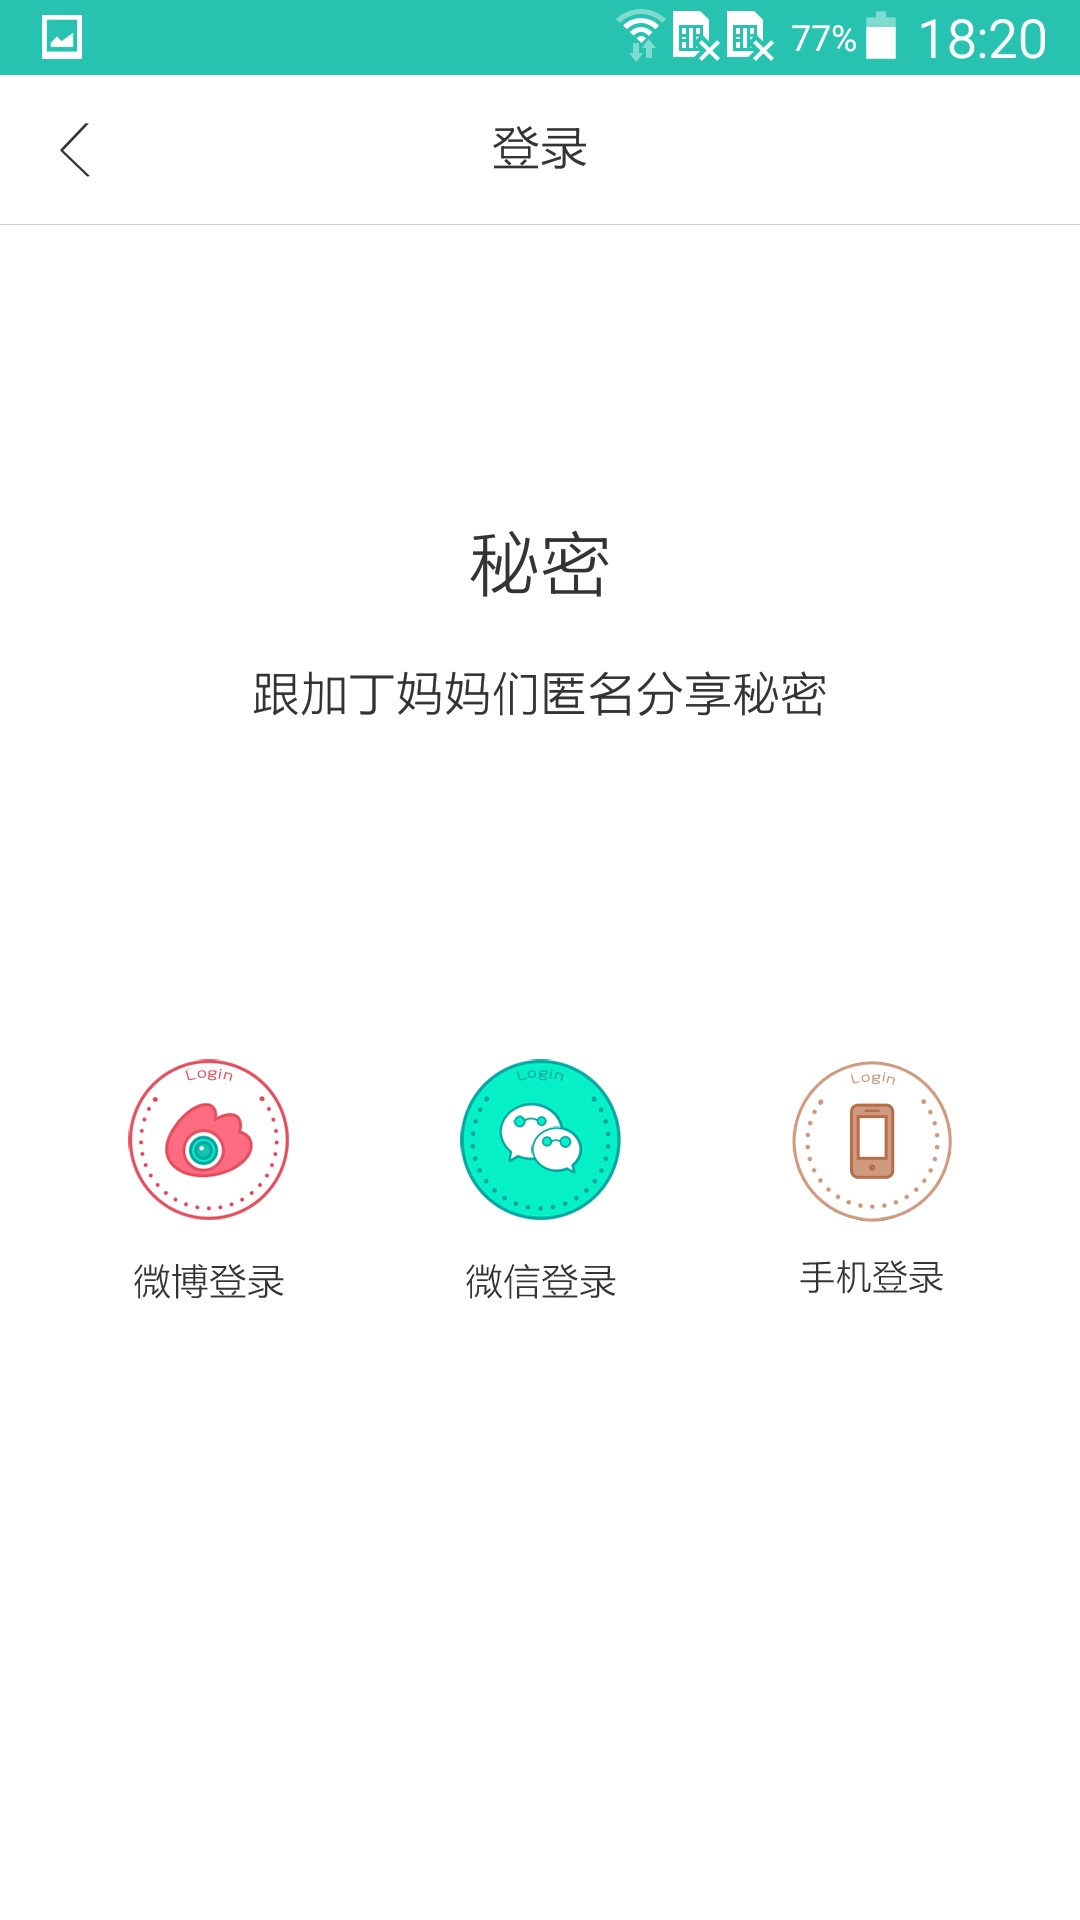 孕妈秘密 V1.0.1 安卓版截图1